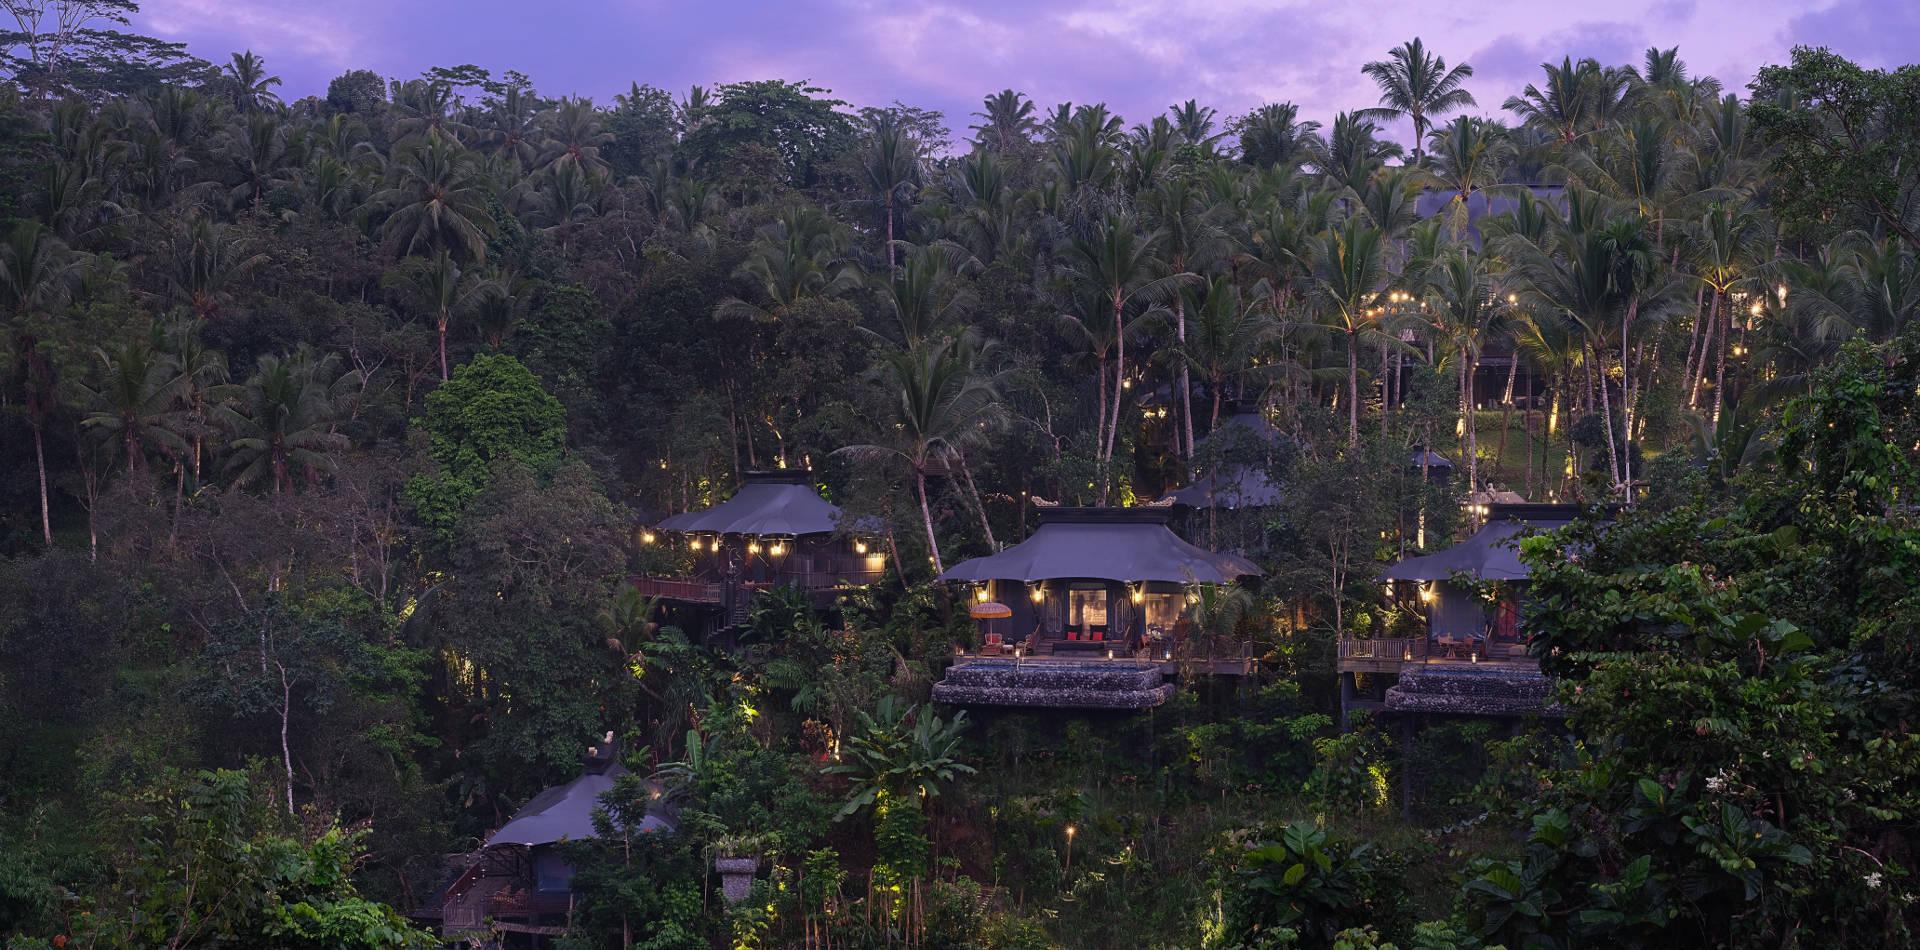 Luxusreise in das Capella Ubud Bali